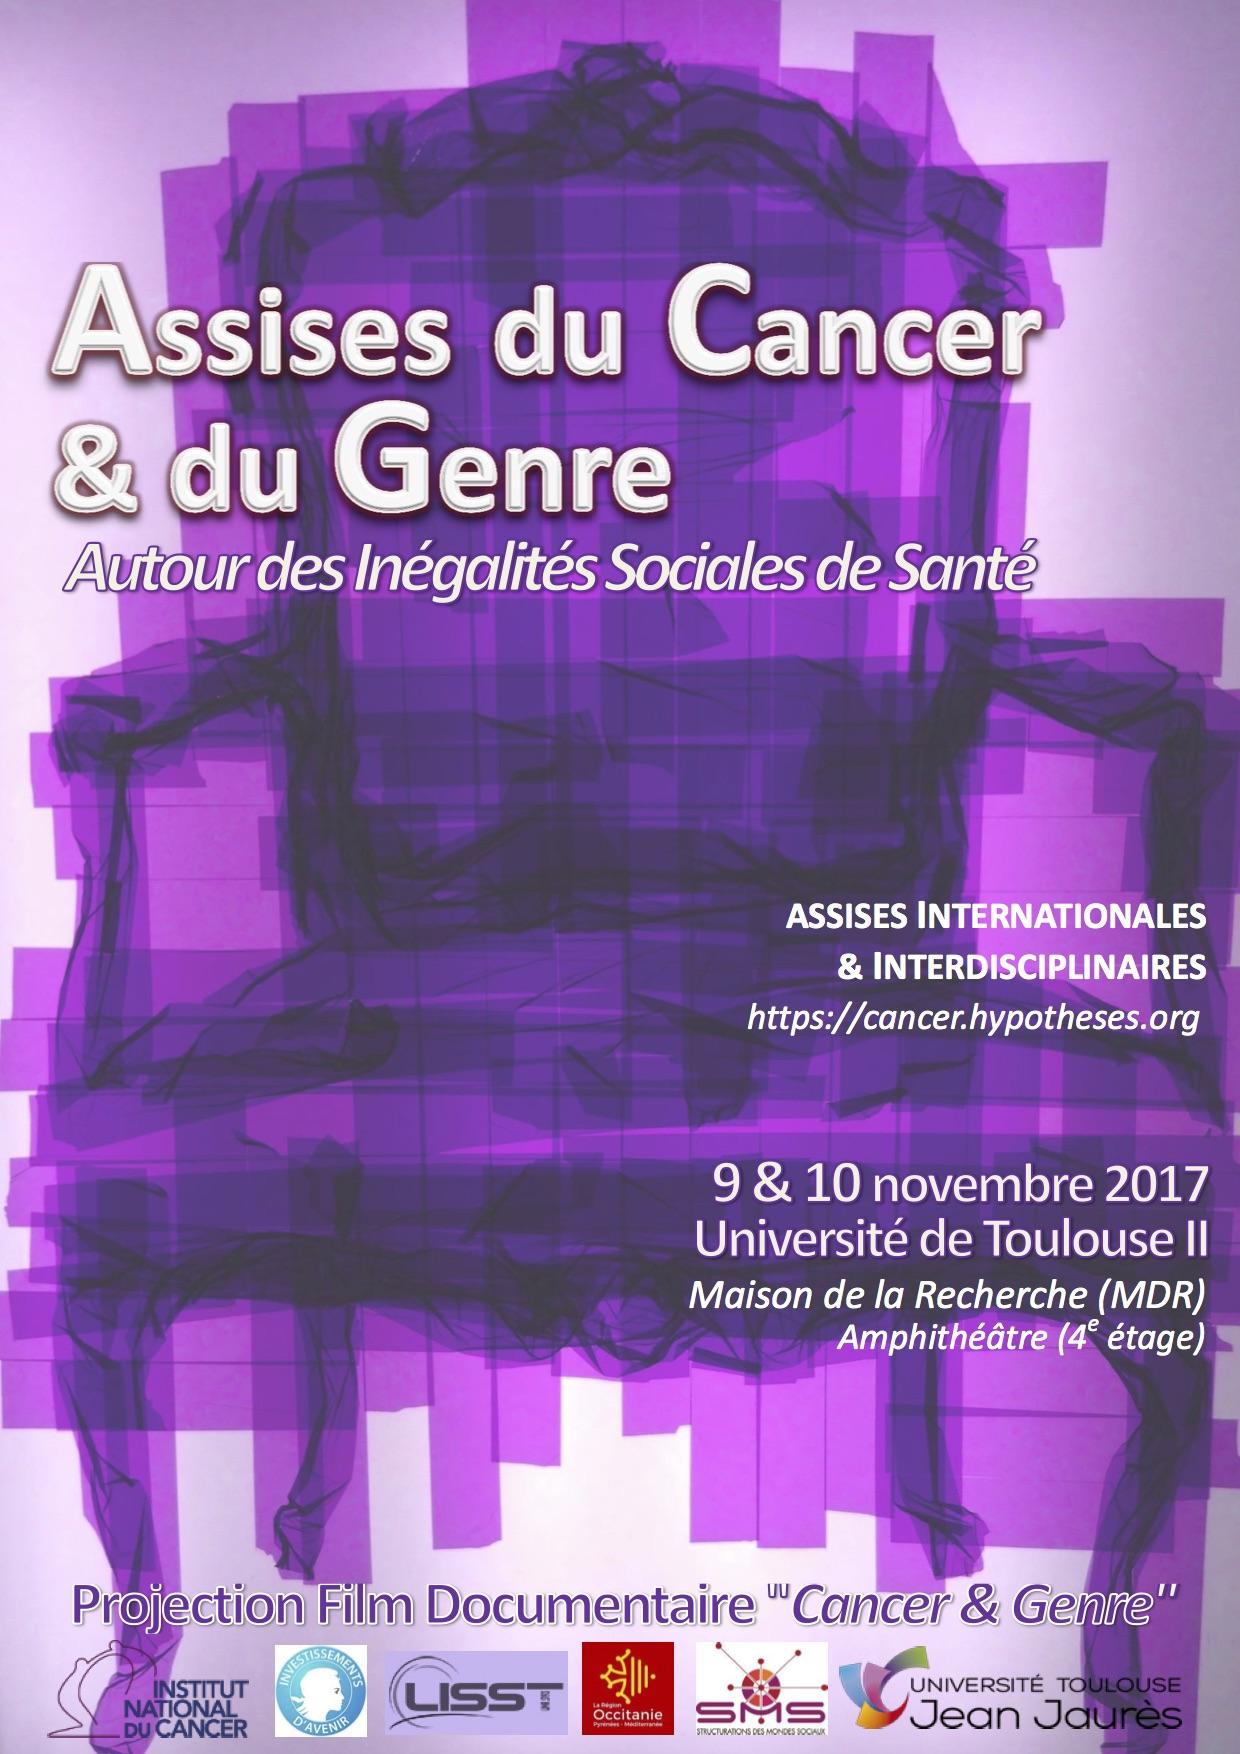 Affiche_Assises du Cancer & du Genre_9 & 10 Nov 2017_Amphi MDR_UT2J.jpg